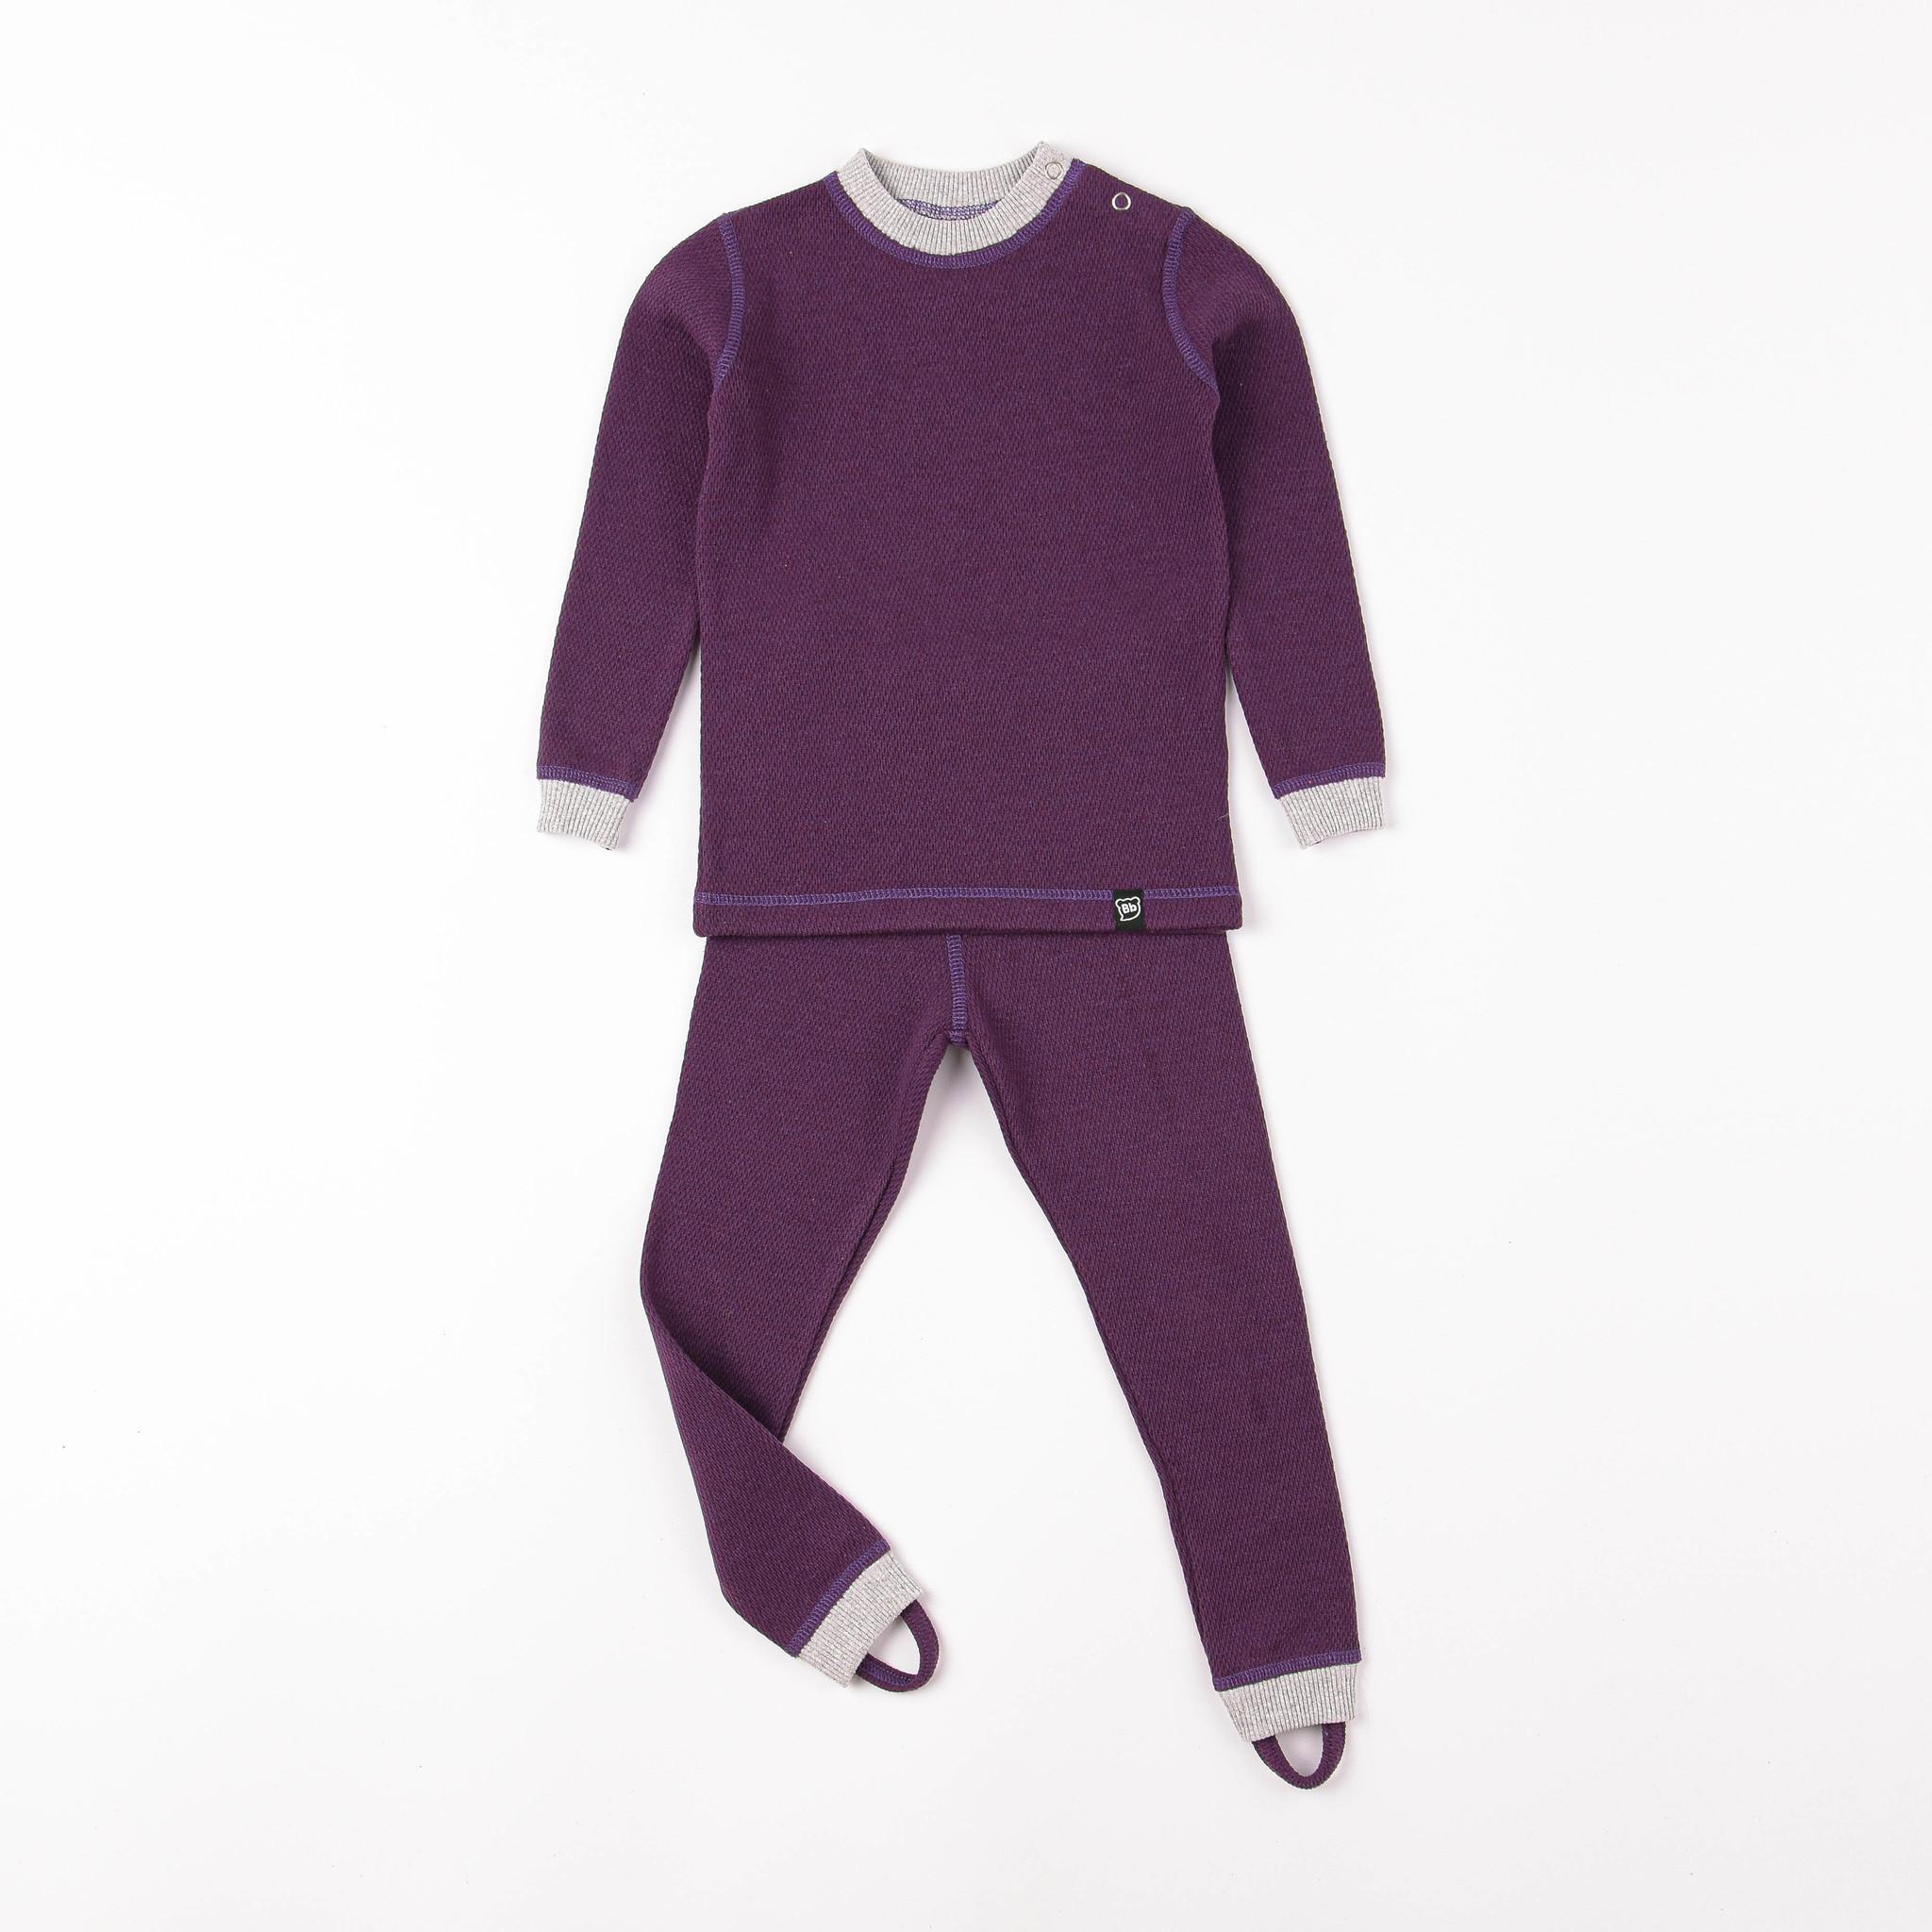 Thermal underwear set - Plum